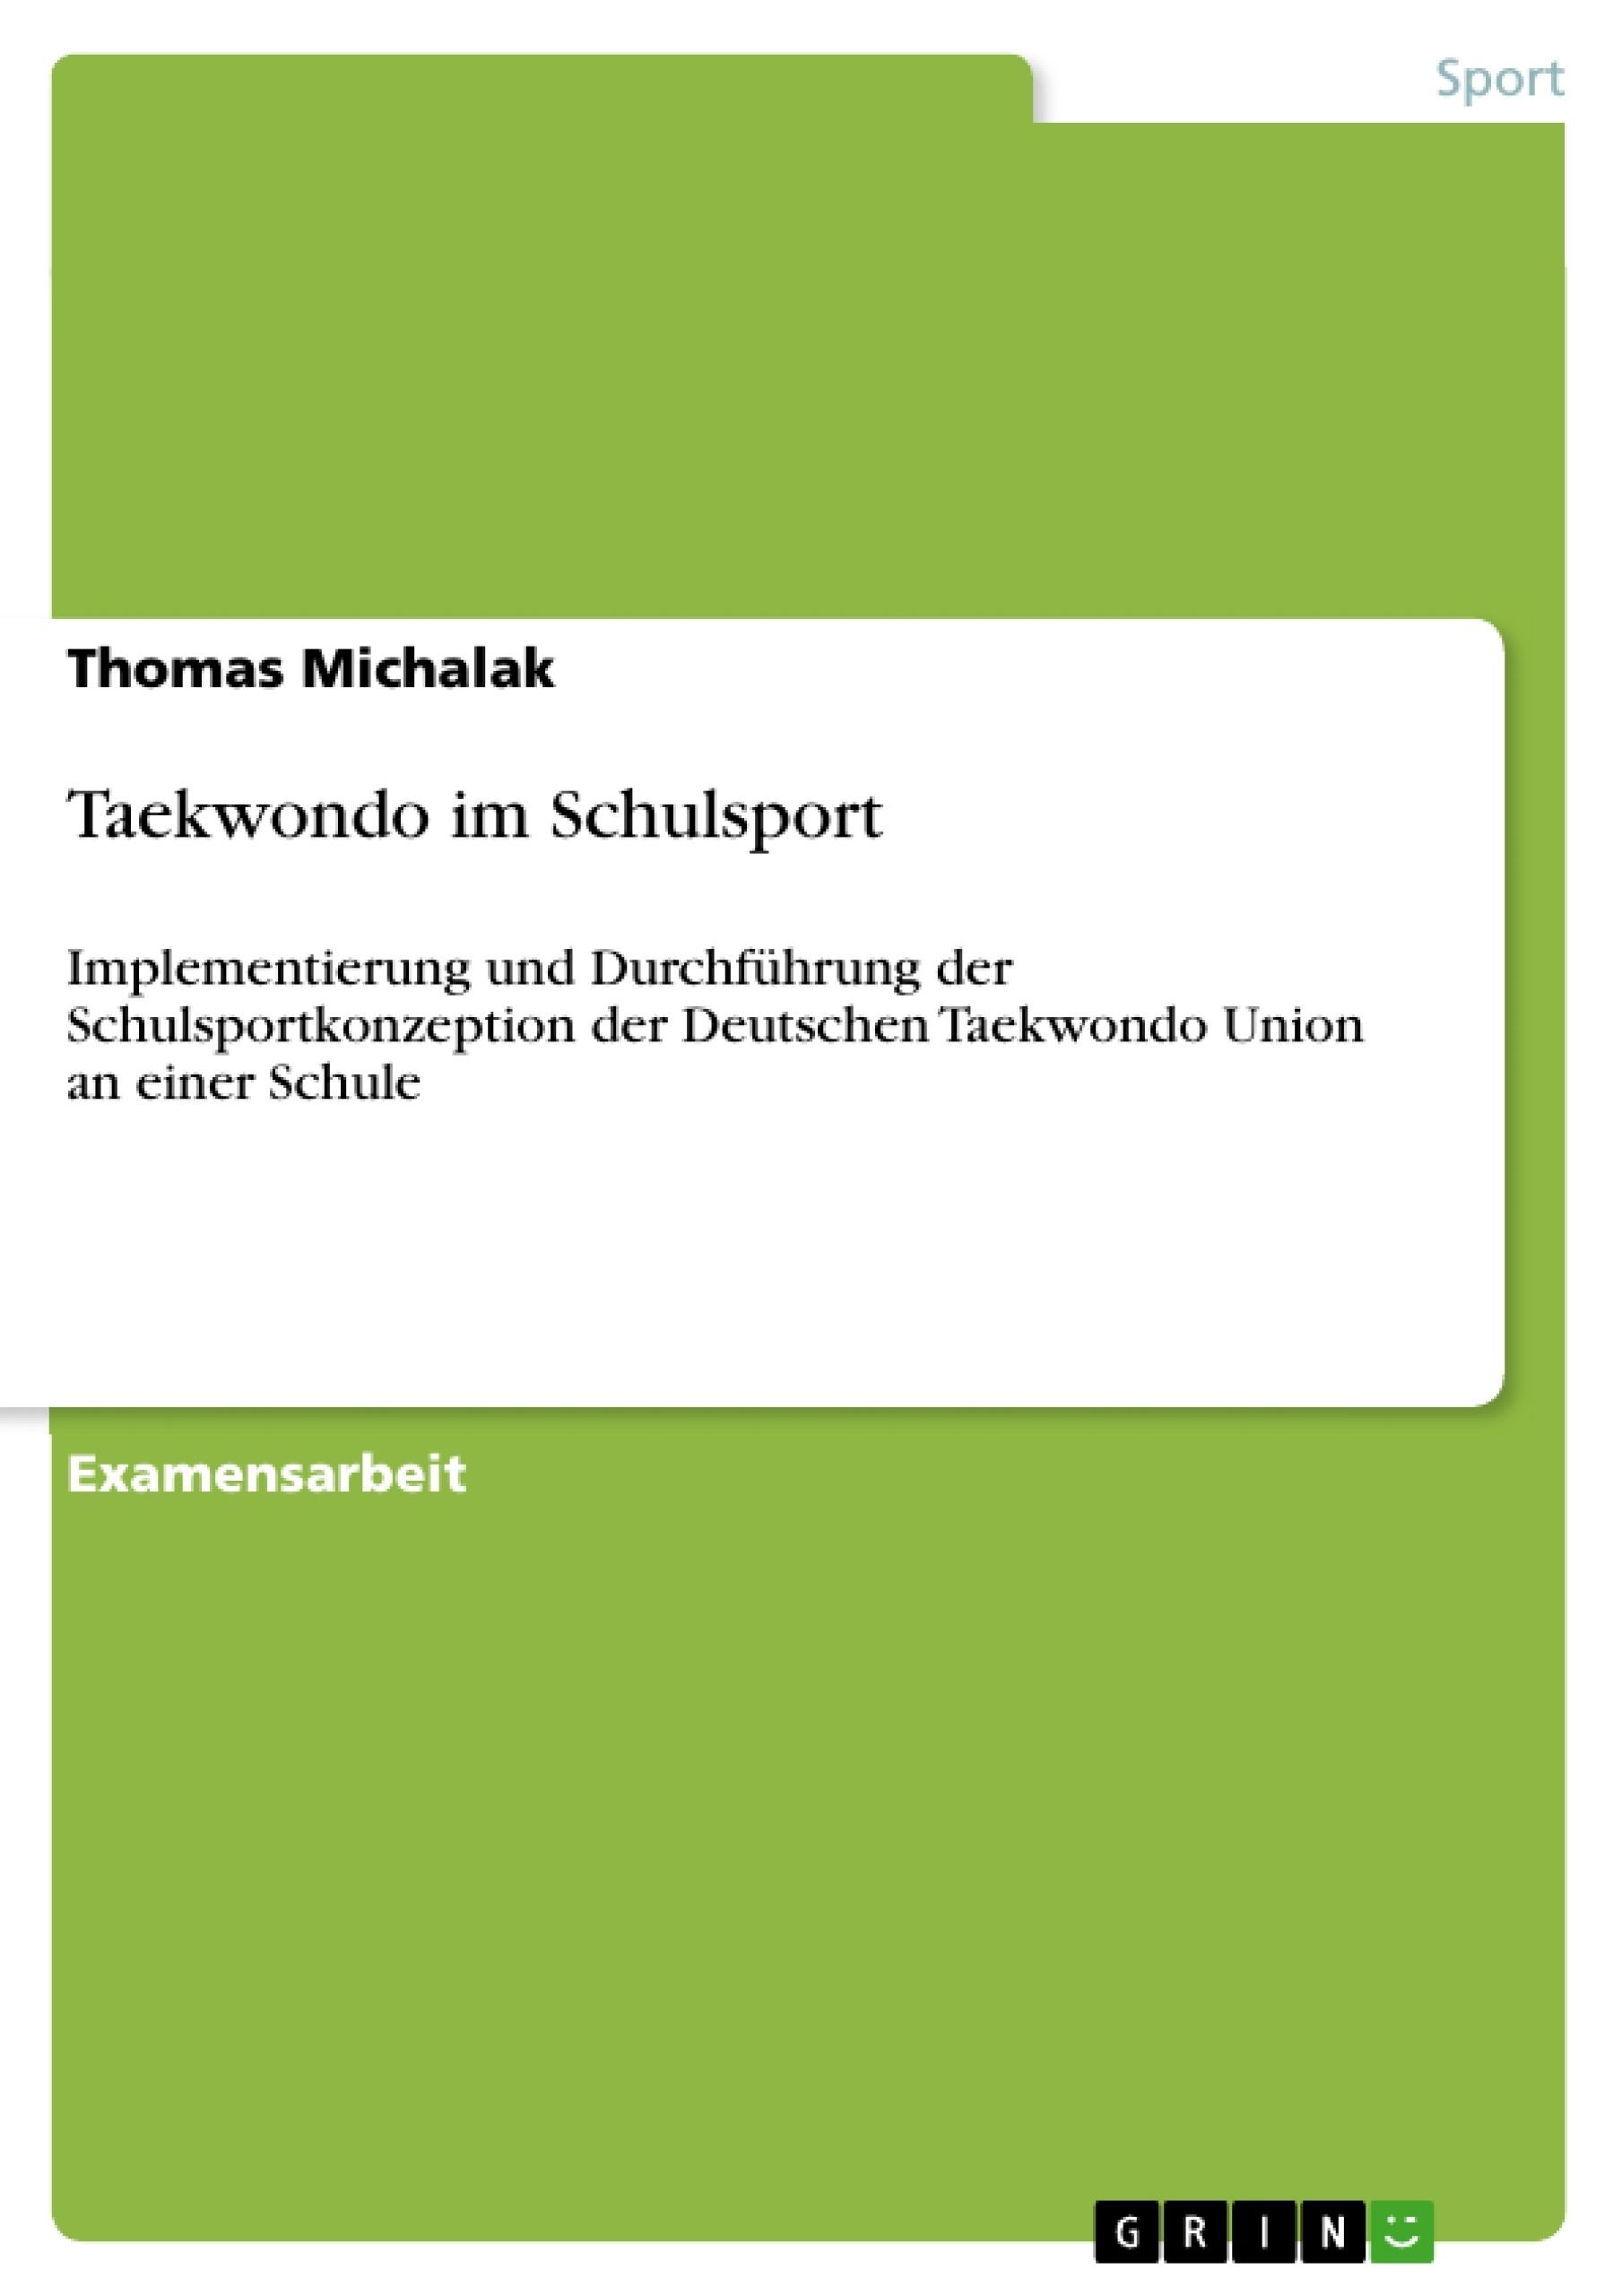 Titel: Taekwondo im Schulsport